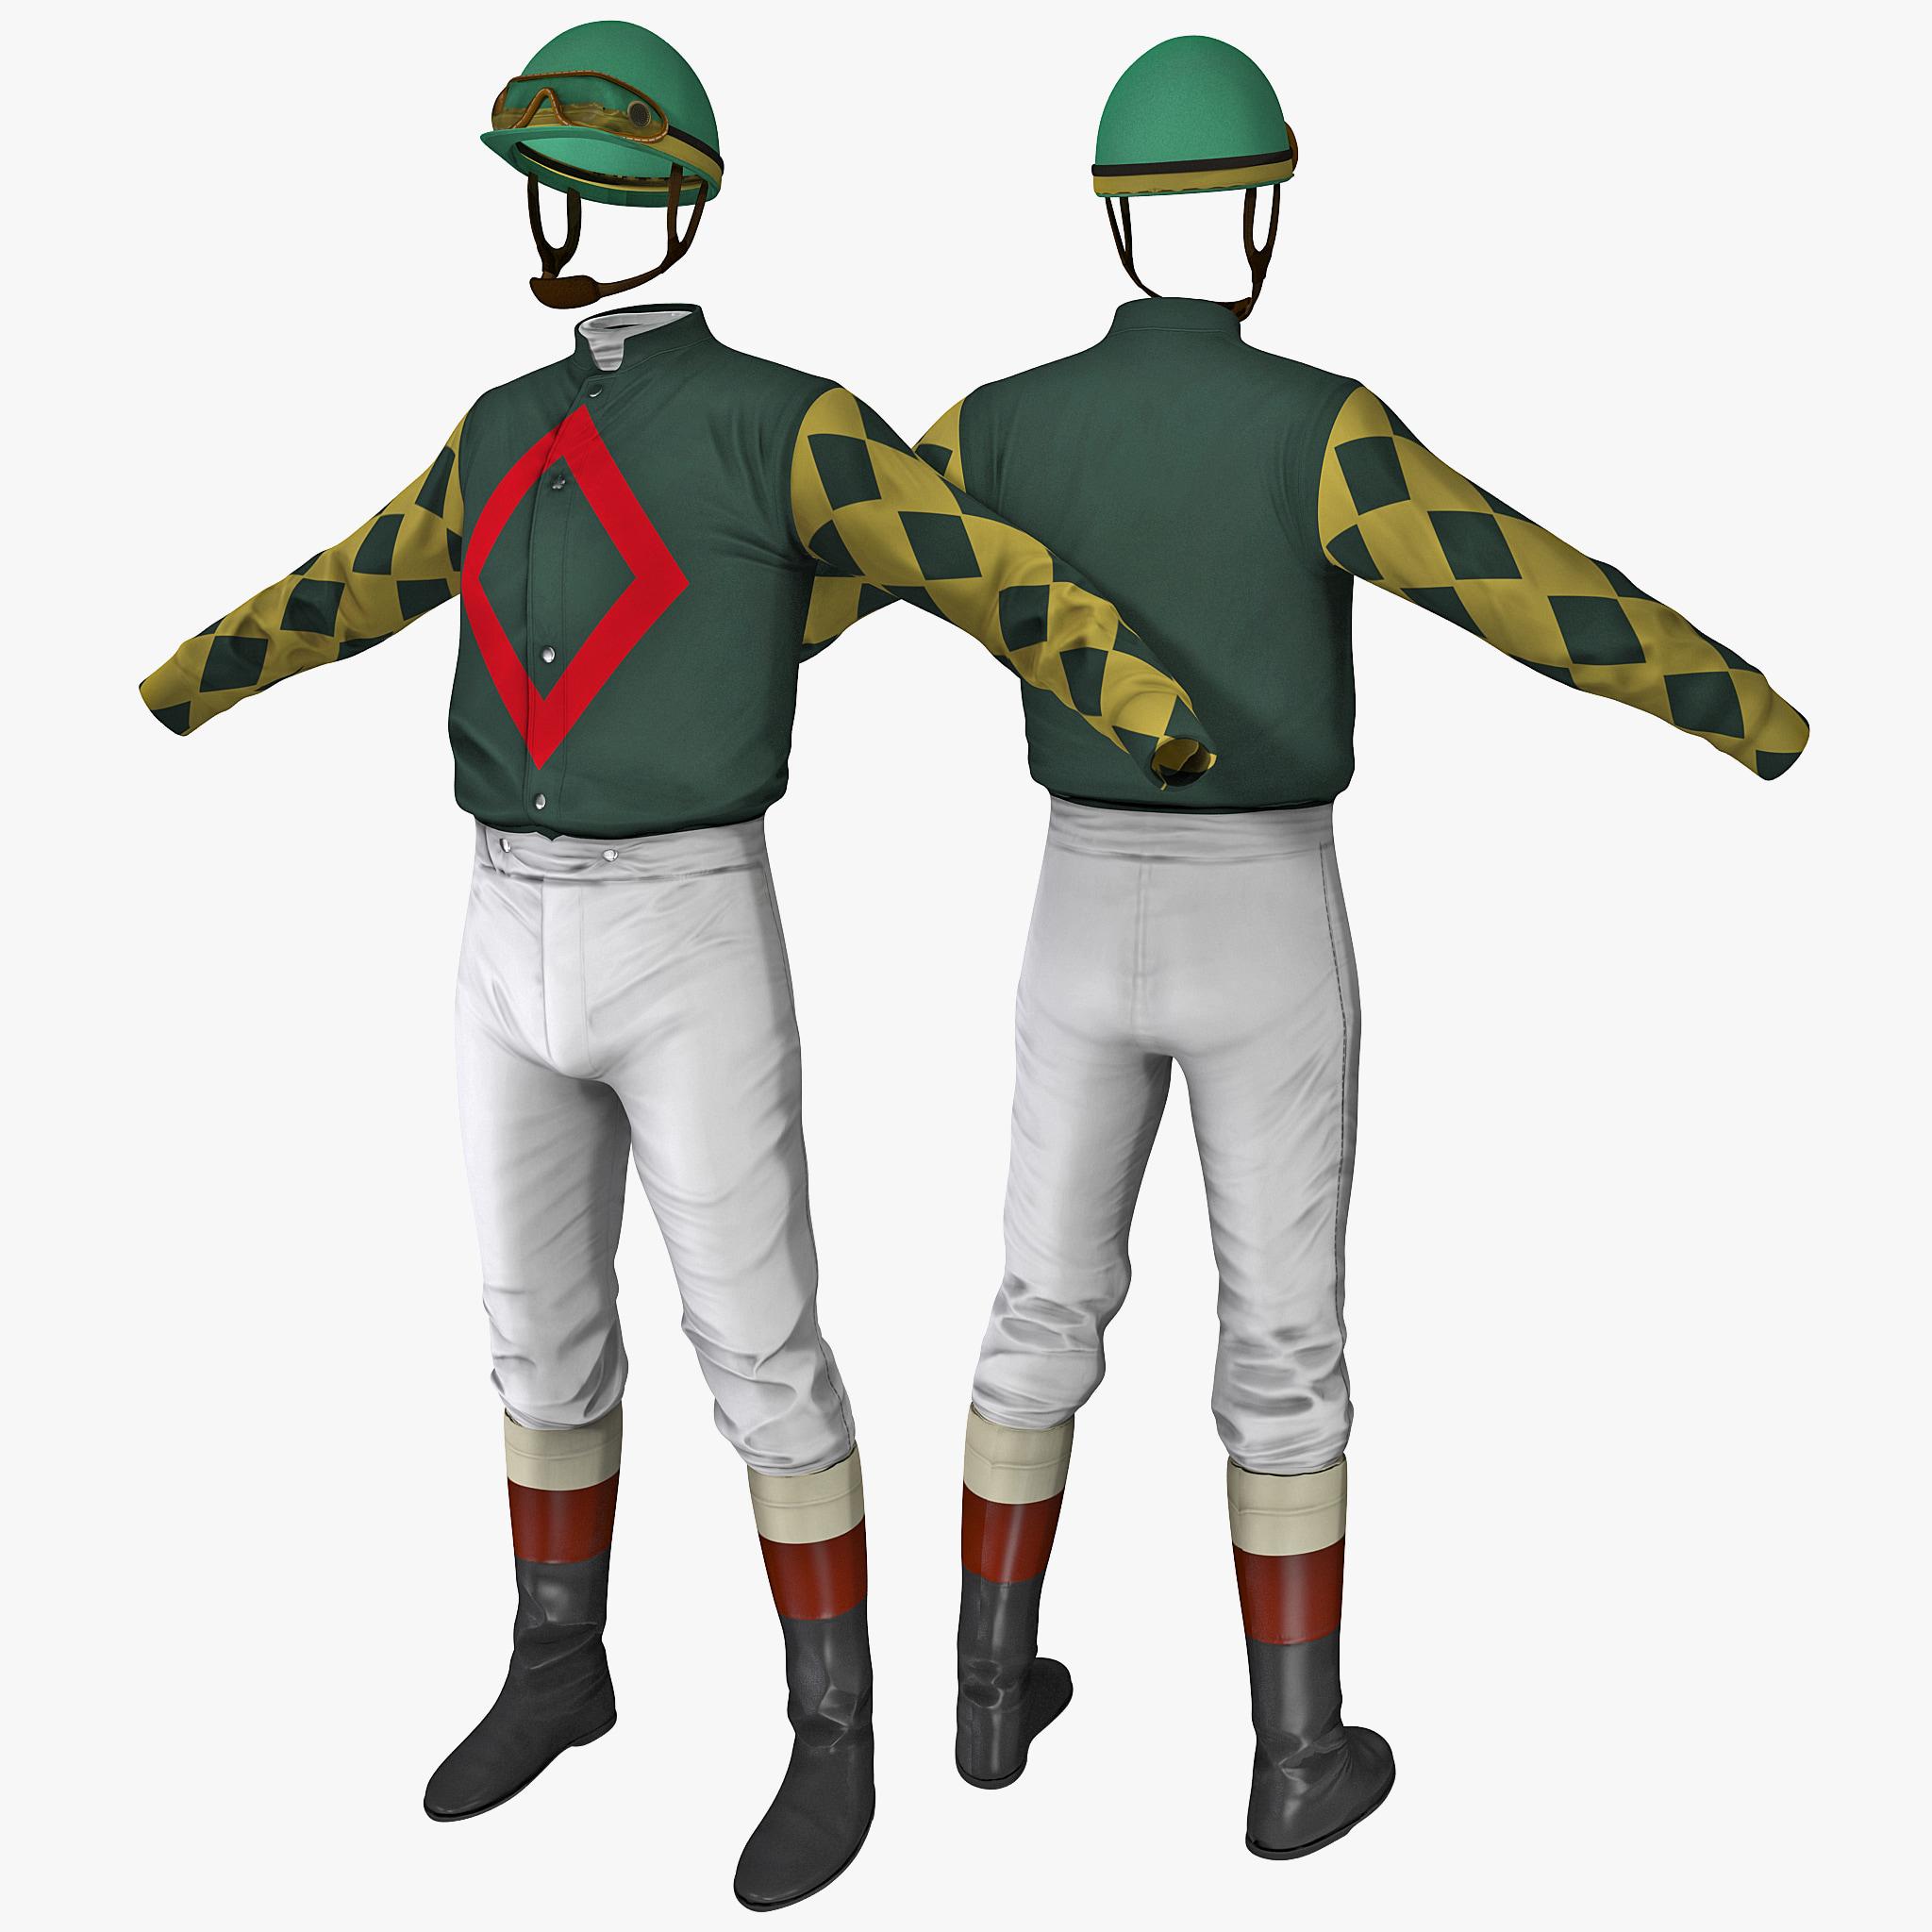 jockey clothes 3d model